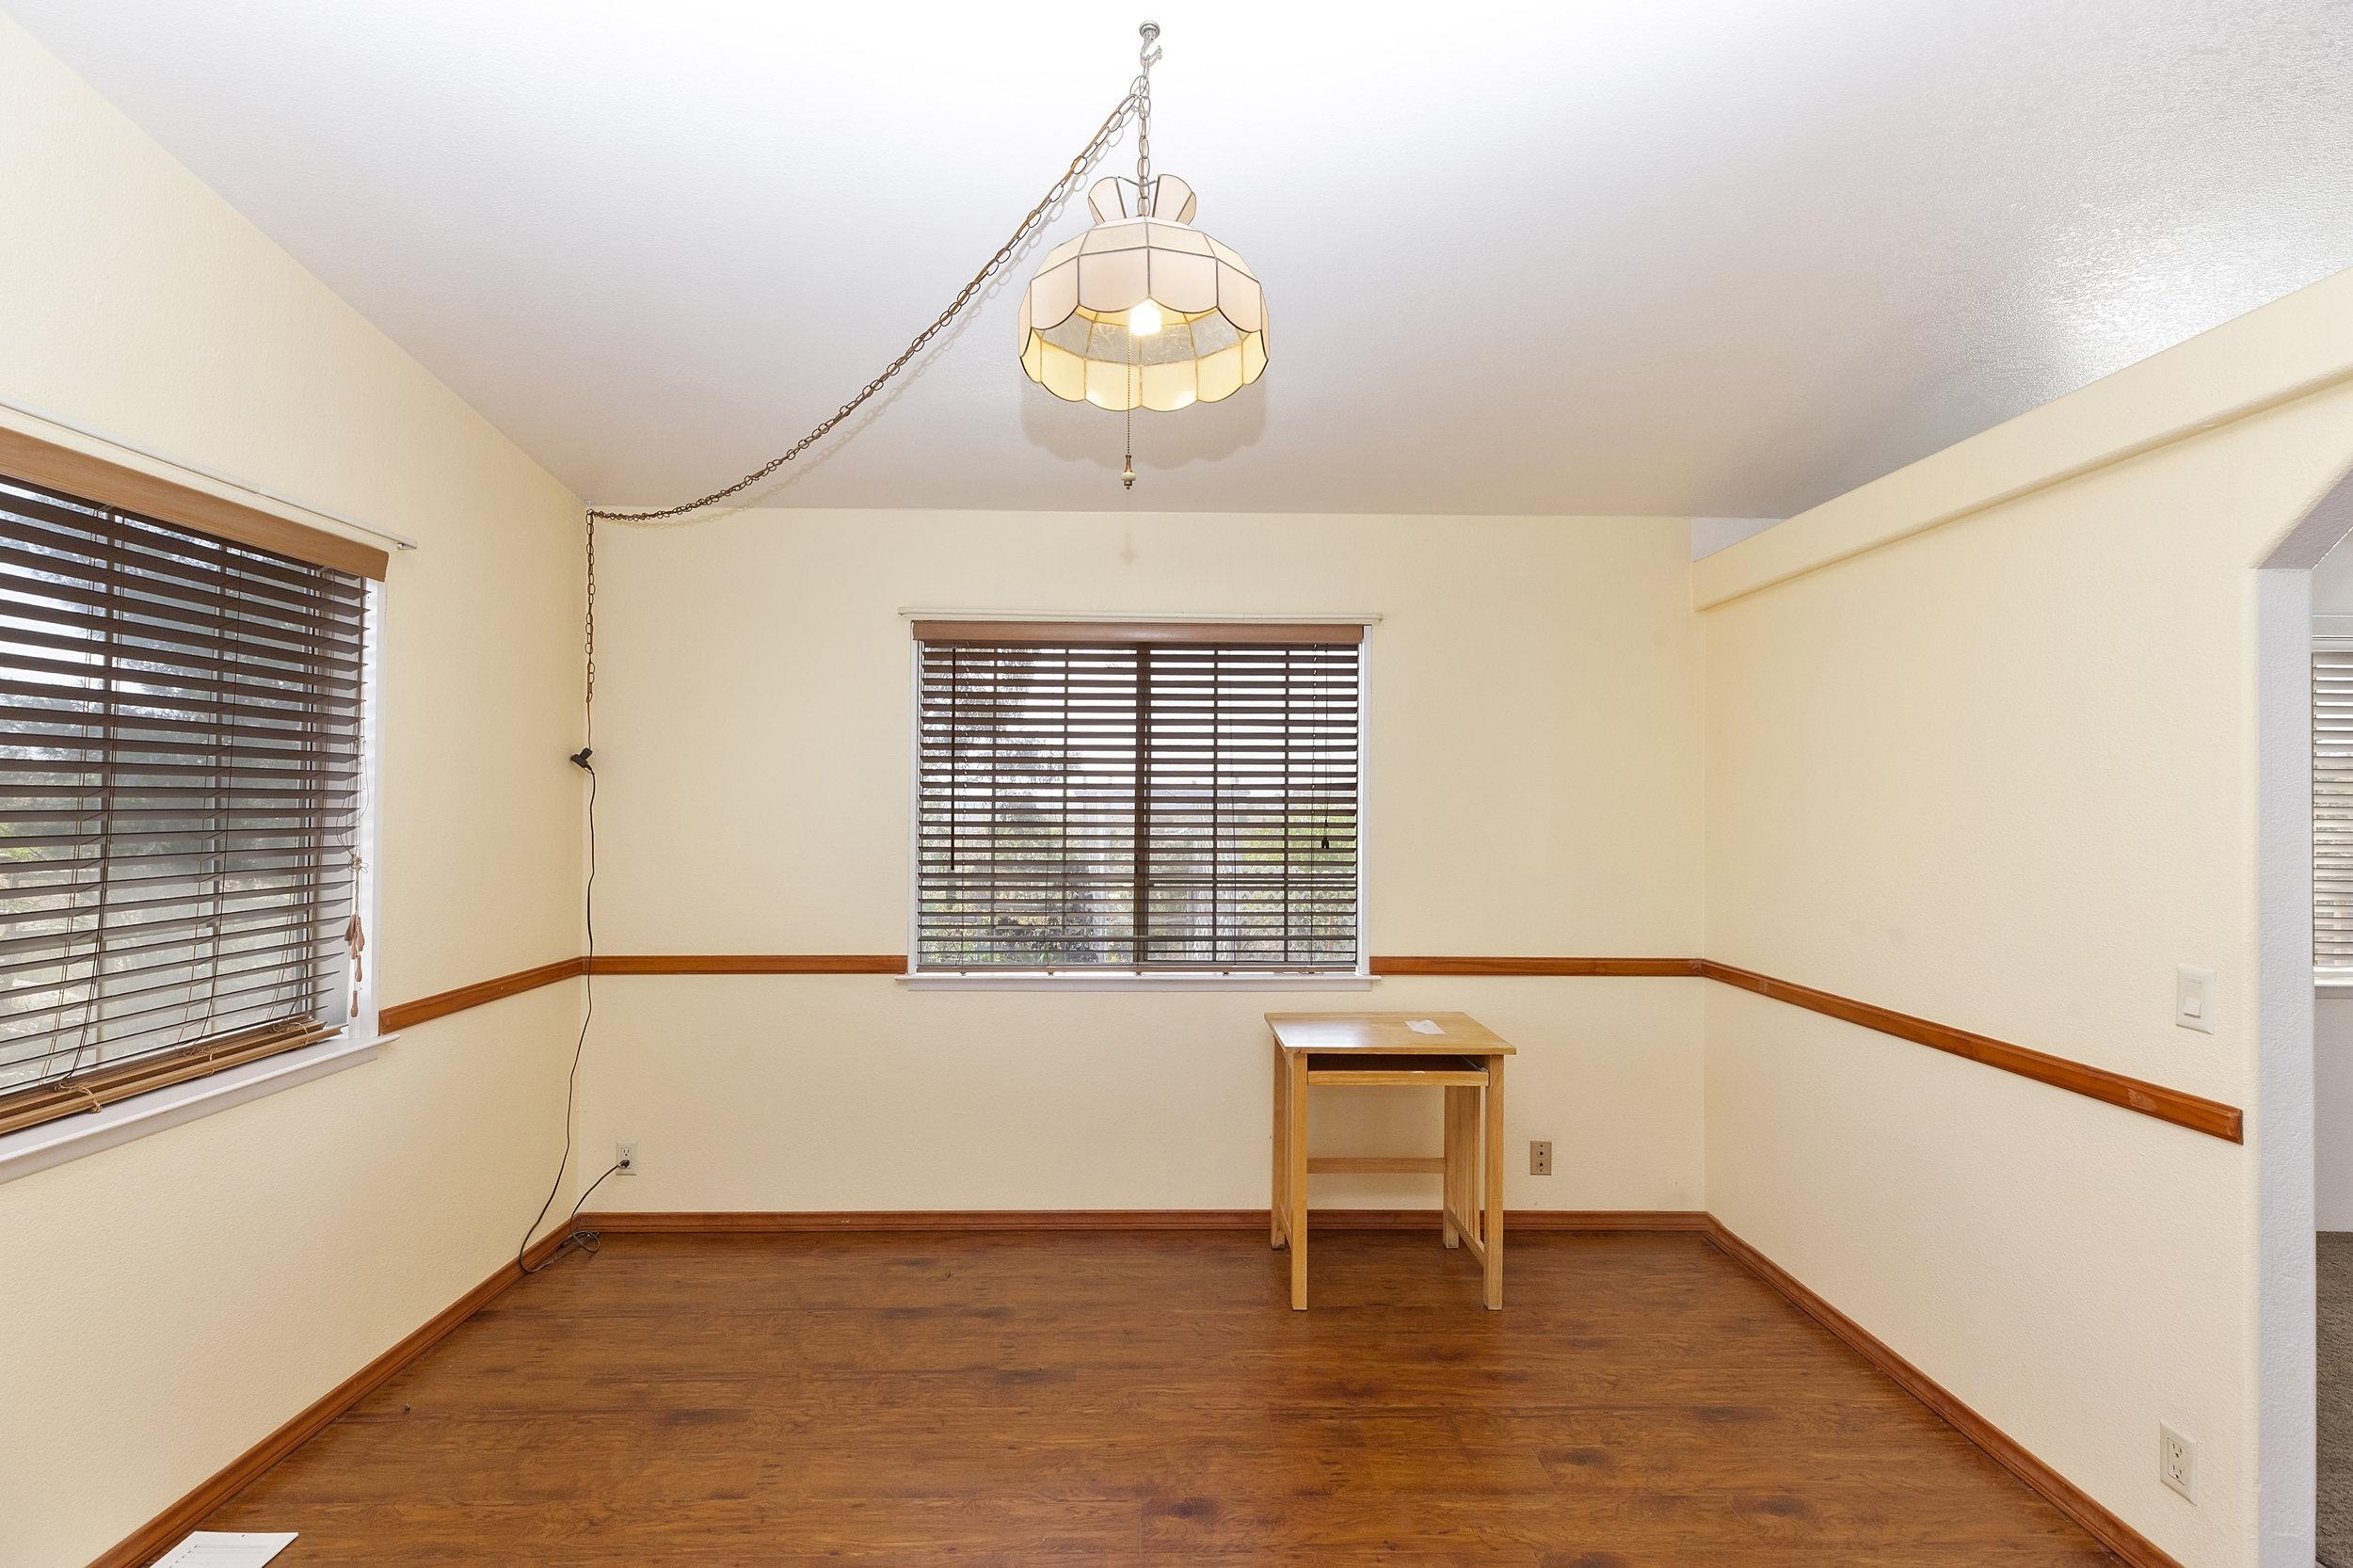 019_Dining Room.jpg